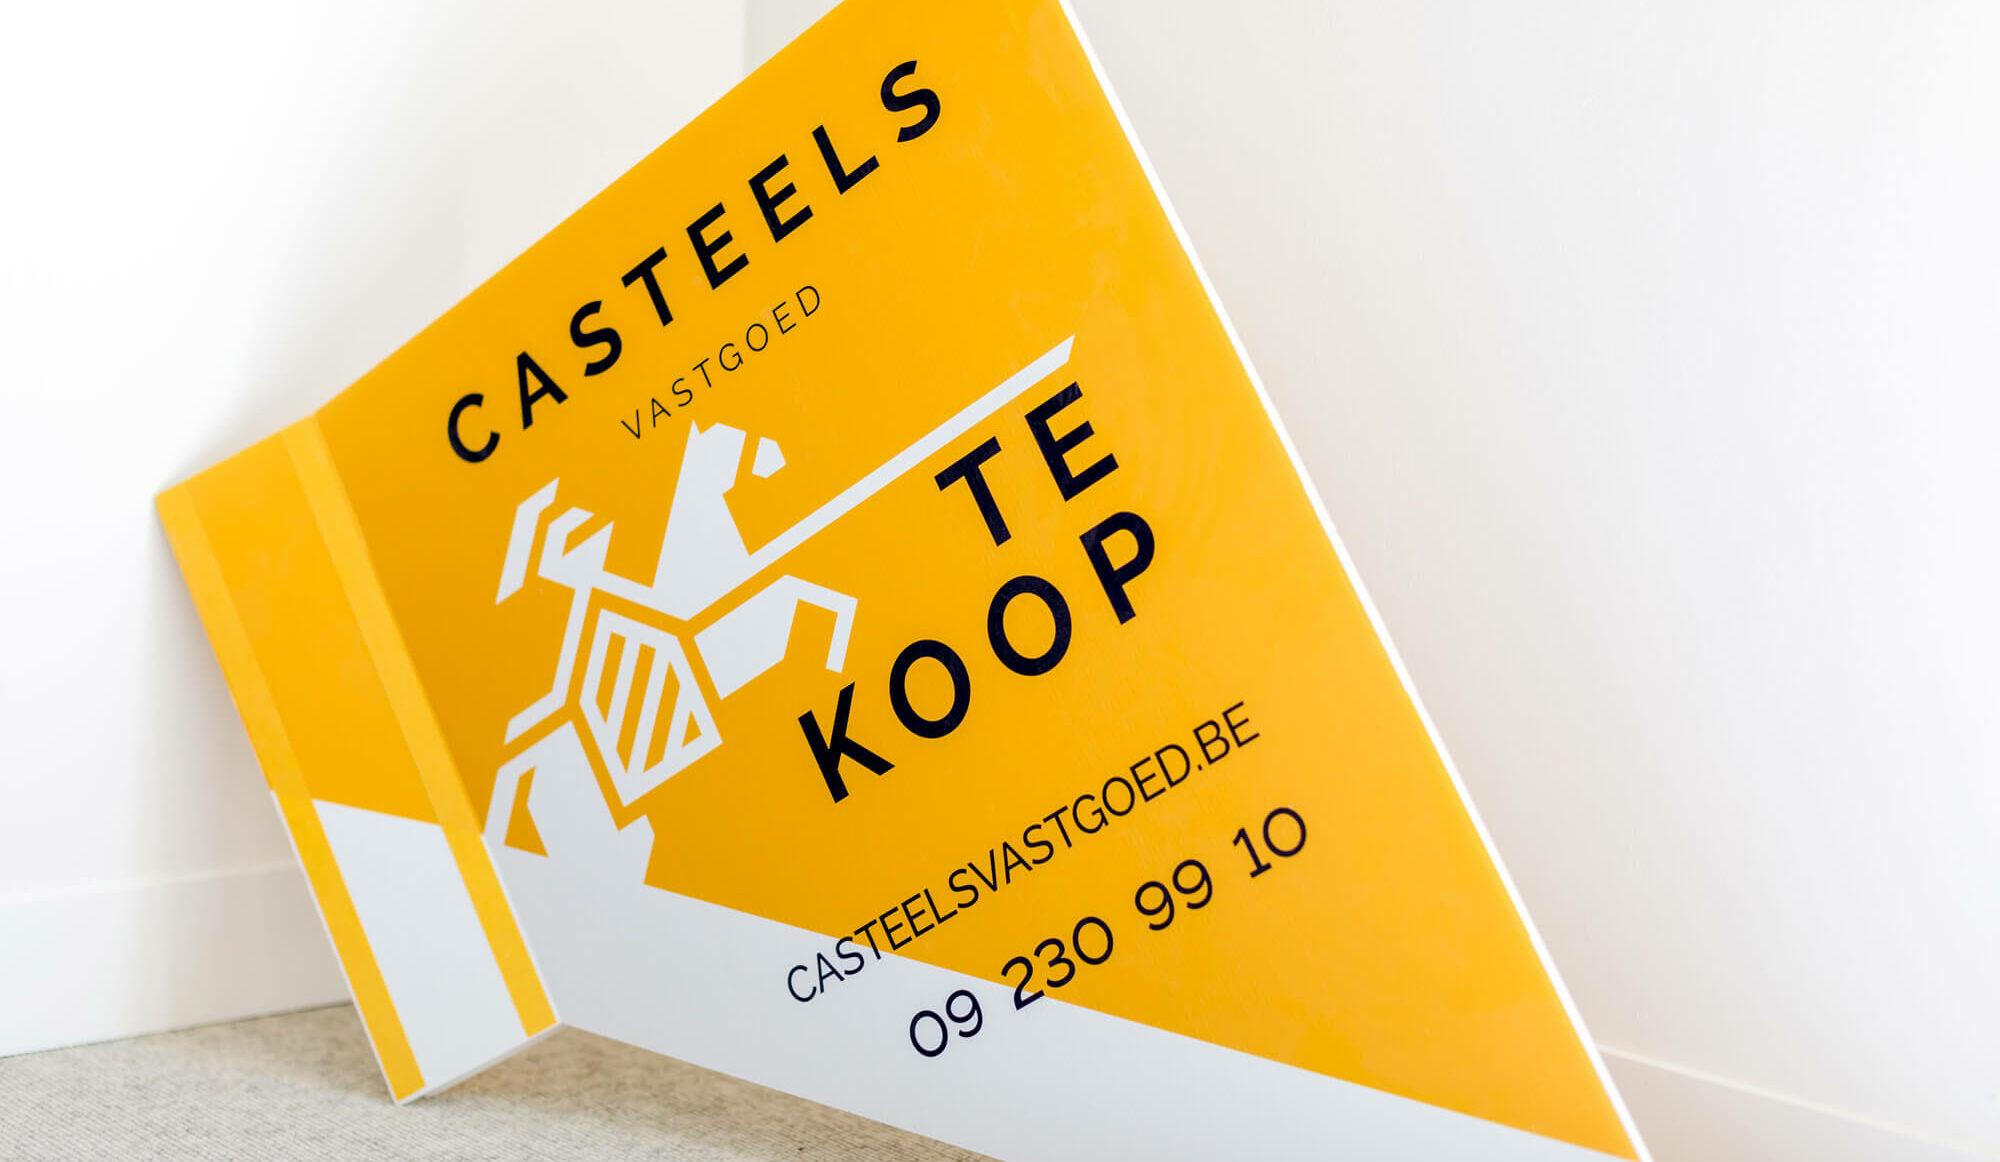 Sfeerbeeld Casteels Vastgoed - vastgoed dat raakt in Oost-Vlaanderen